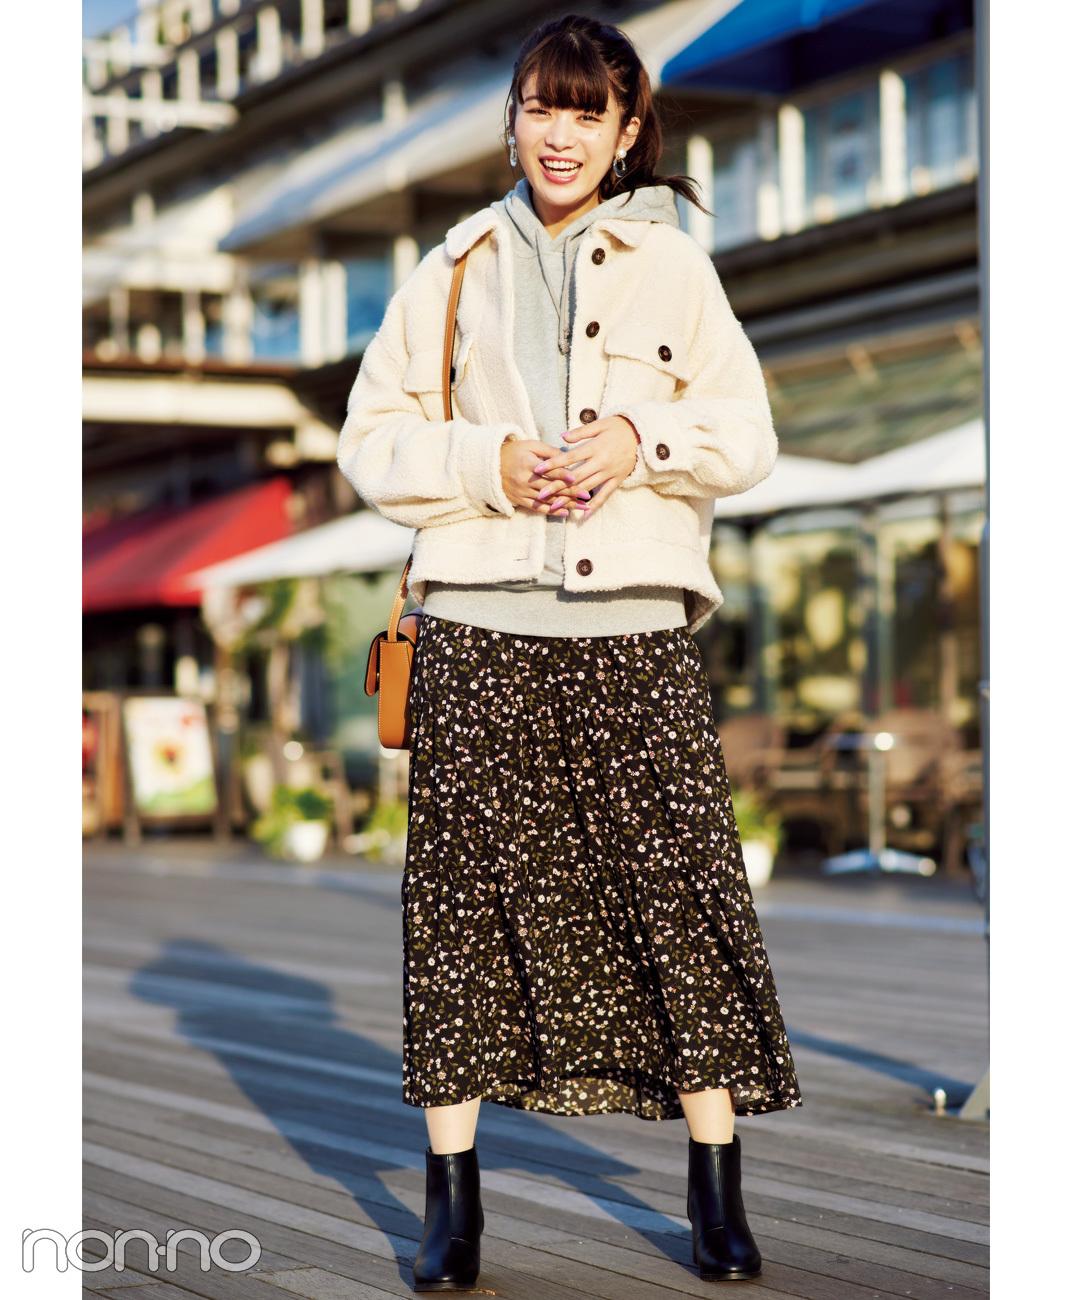 【グレー・パーカコーデ】パーカでも花柄ロングスカートなら女っぽになれる